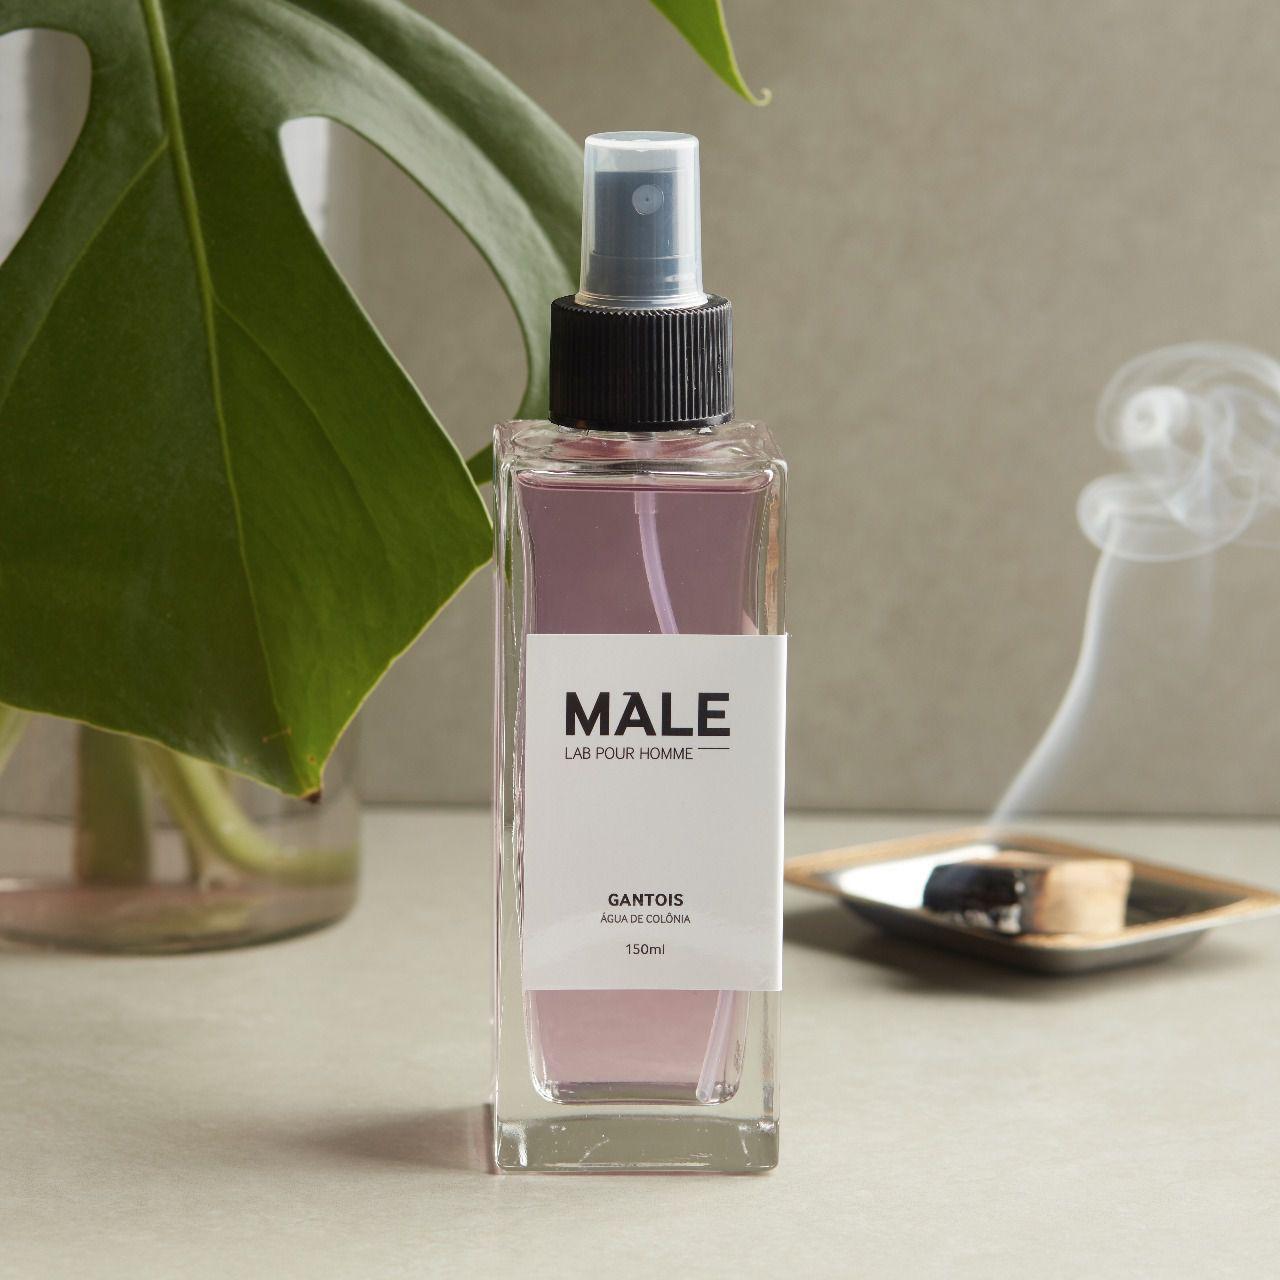 Perfume Gantois | Male Lab Pour Homme